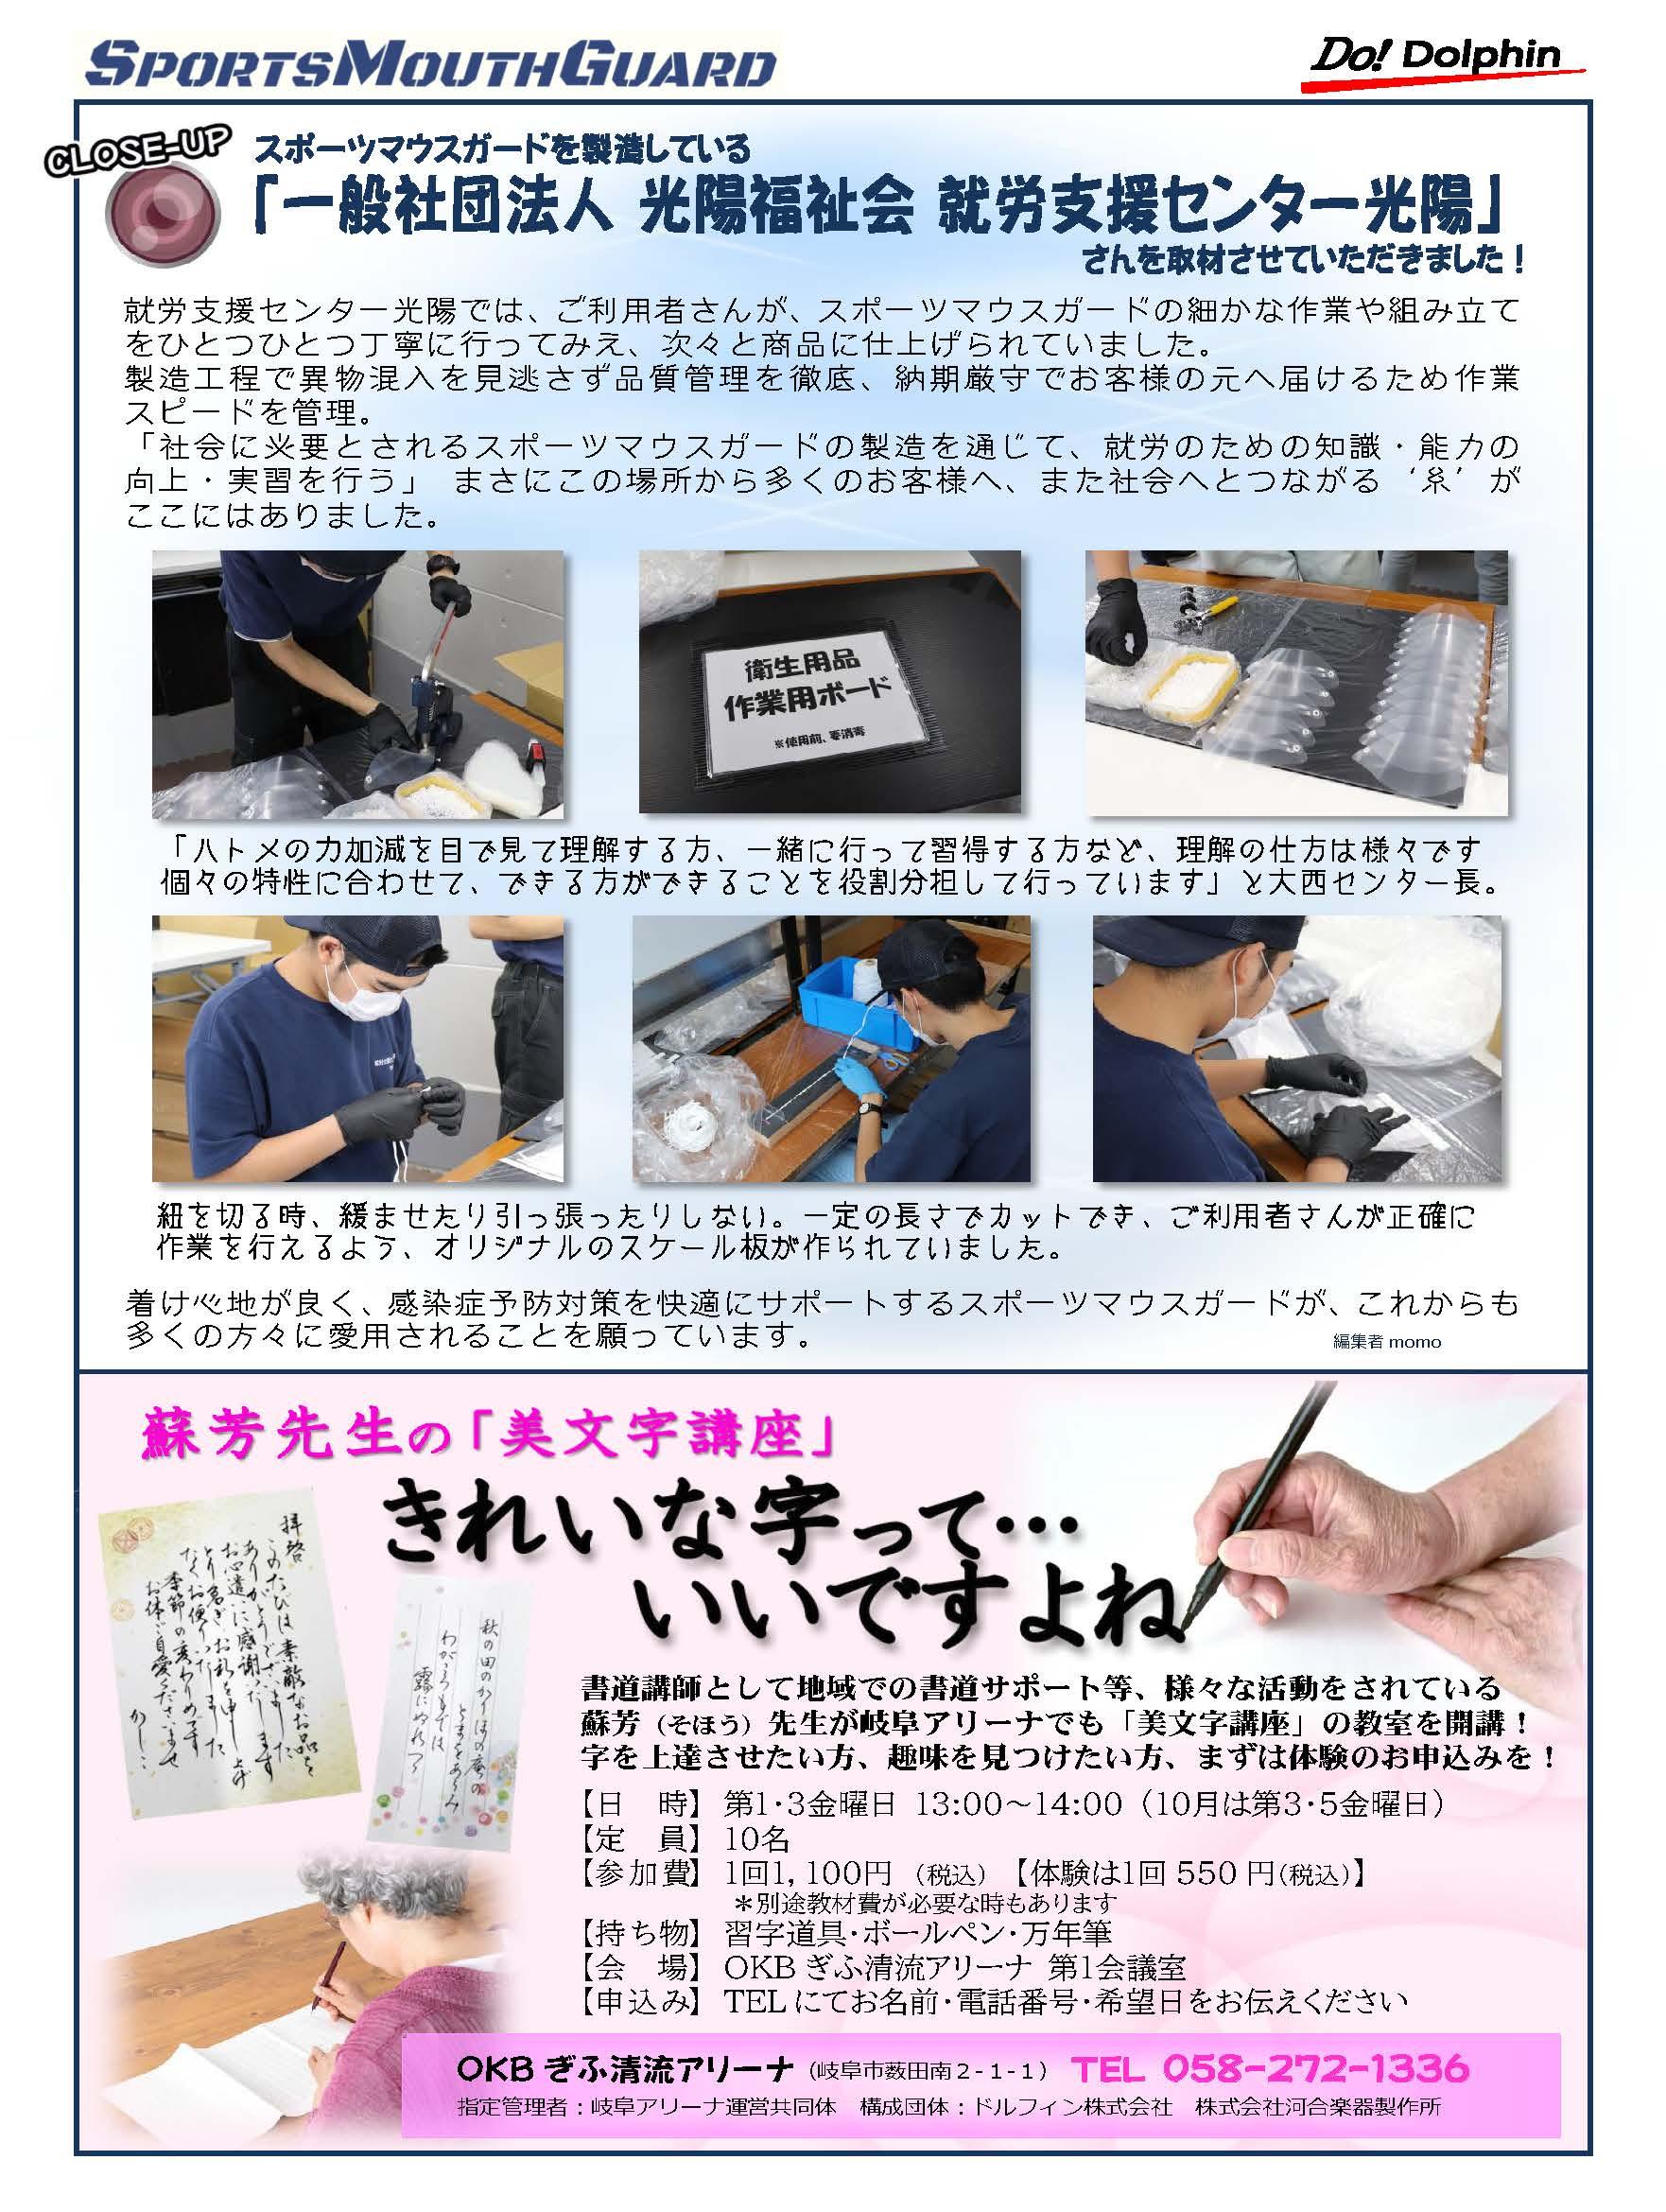 ドルフィン広報誌10月号四校_ページ_4